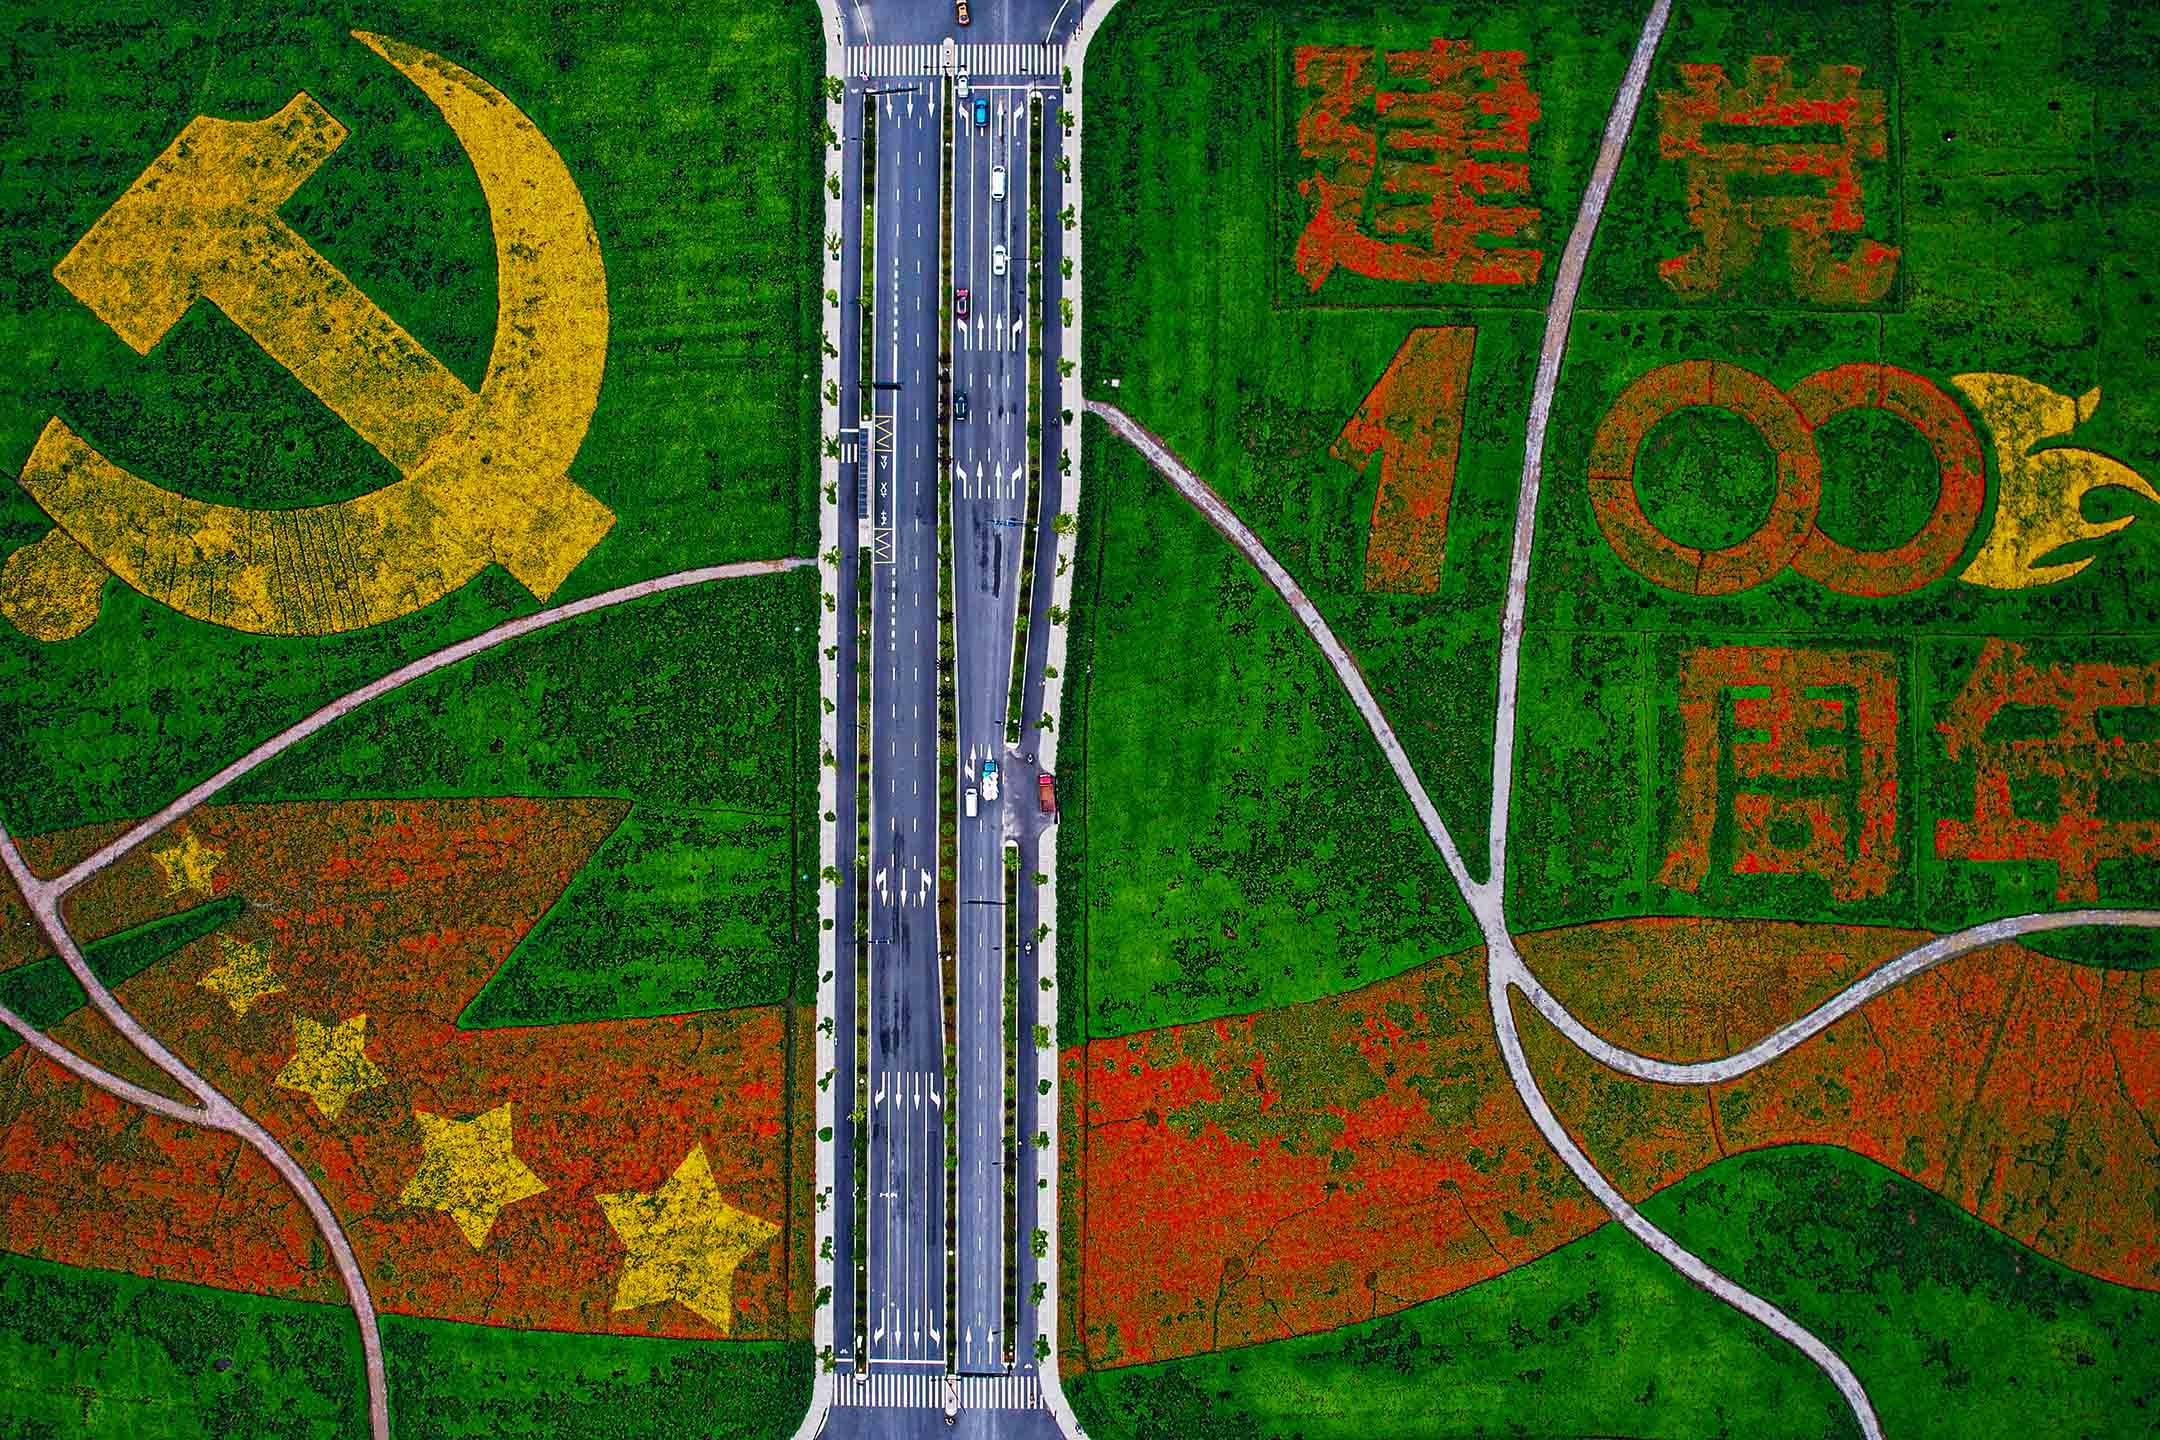 2021年6月28日中國浙江省杭州市,公路旁有慶祝中國共產黨成立 100 週年的圖案。